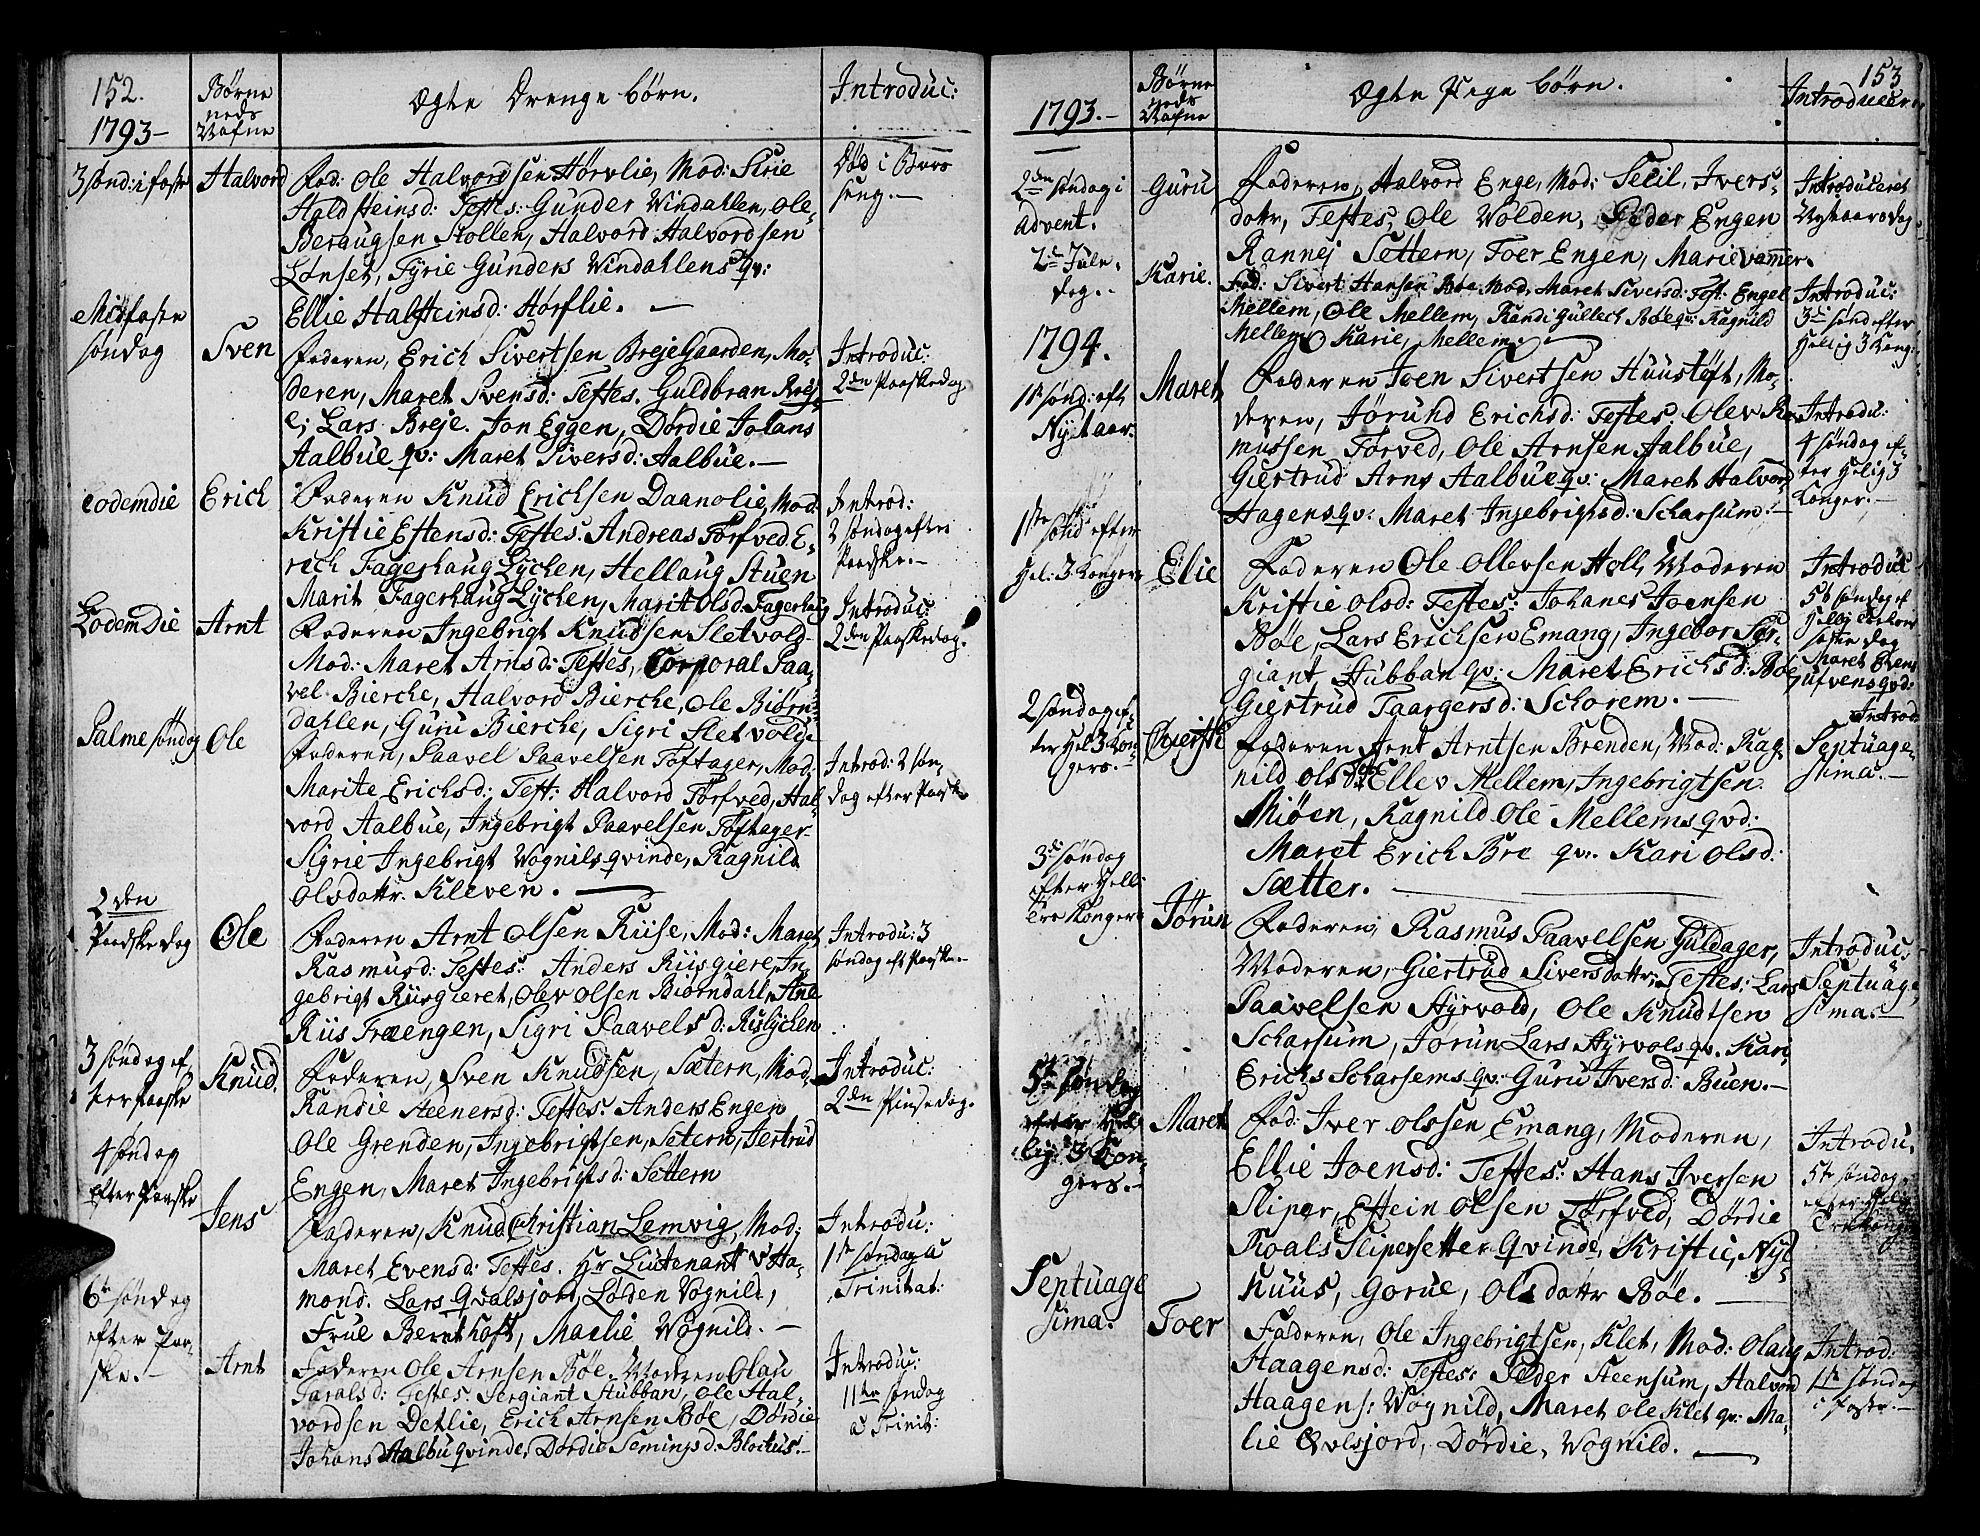 SAT, Ministerialprotokoller, klokkerbøker og fødselsregistre - Sør-Trøndelag, 678/L0893: Ministerialbok nr. 678A03, 1792-1805, s. 152-153